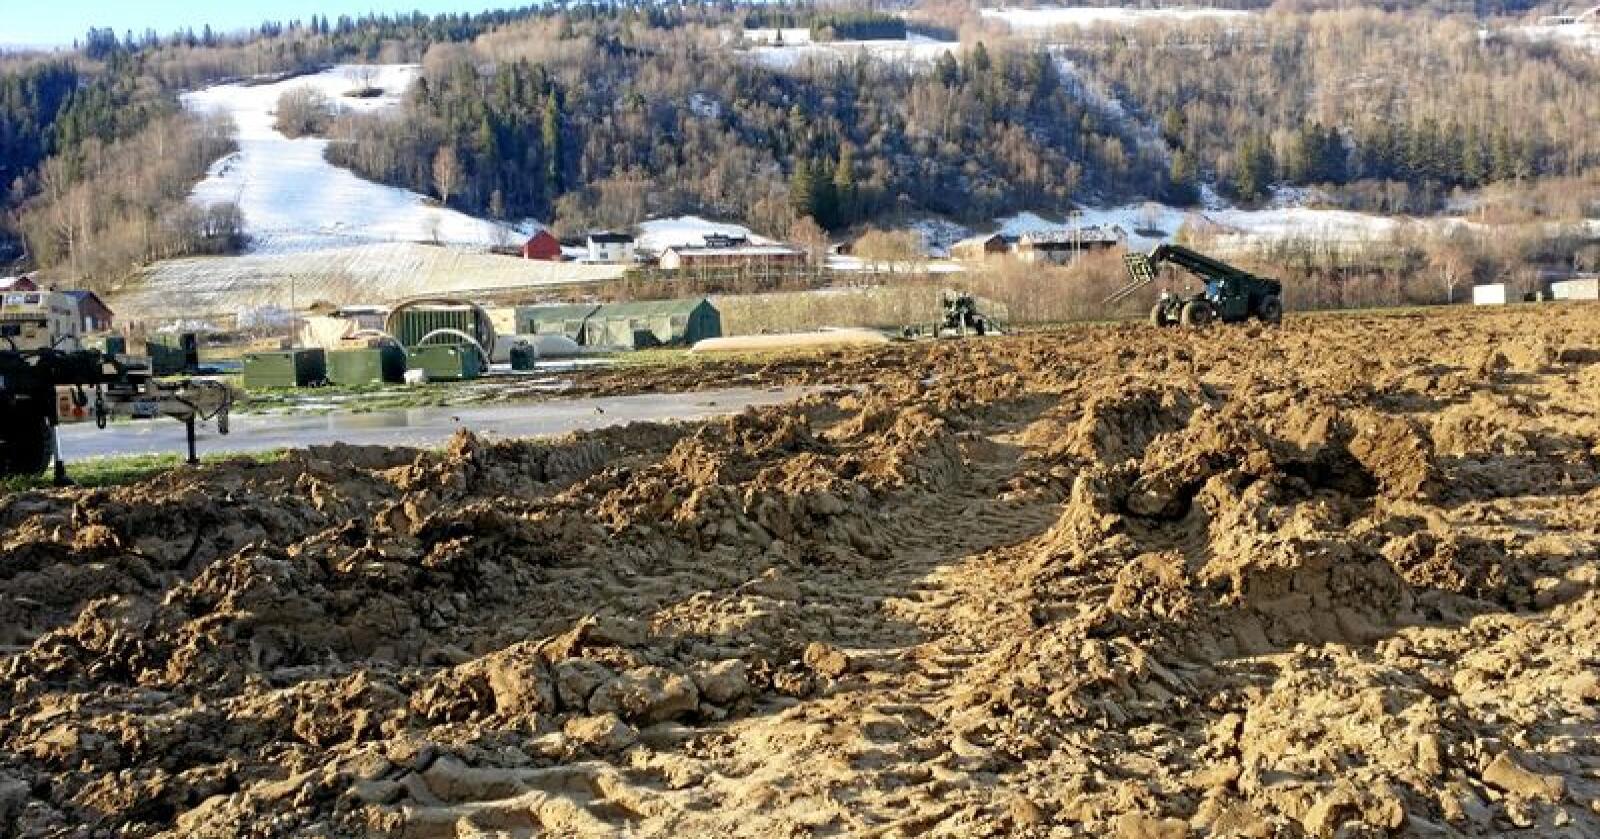 Slik så det ut på et jorde i Vill i Trøndelag ut etter at Nato-styrkene hadde kjørt over det. Foto: Marianne Bø/Forsvaret